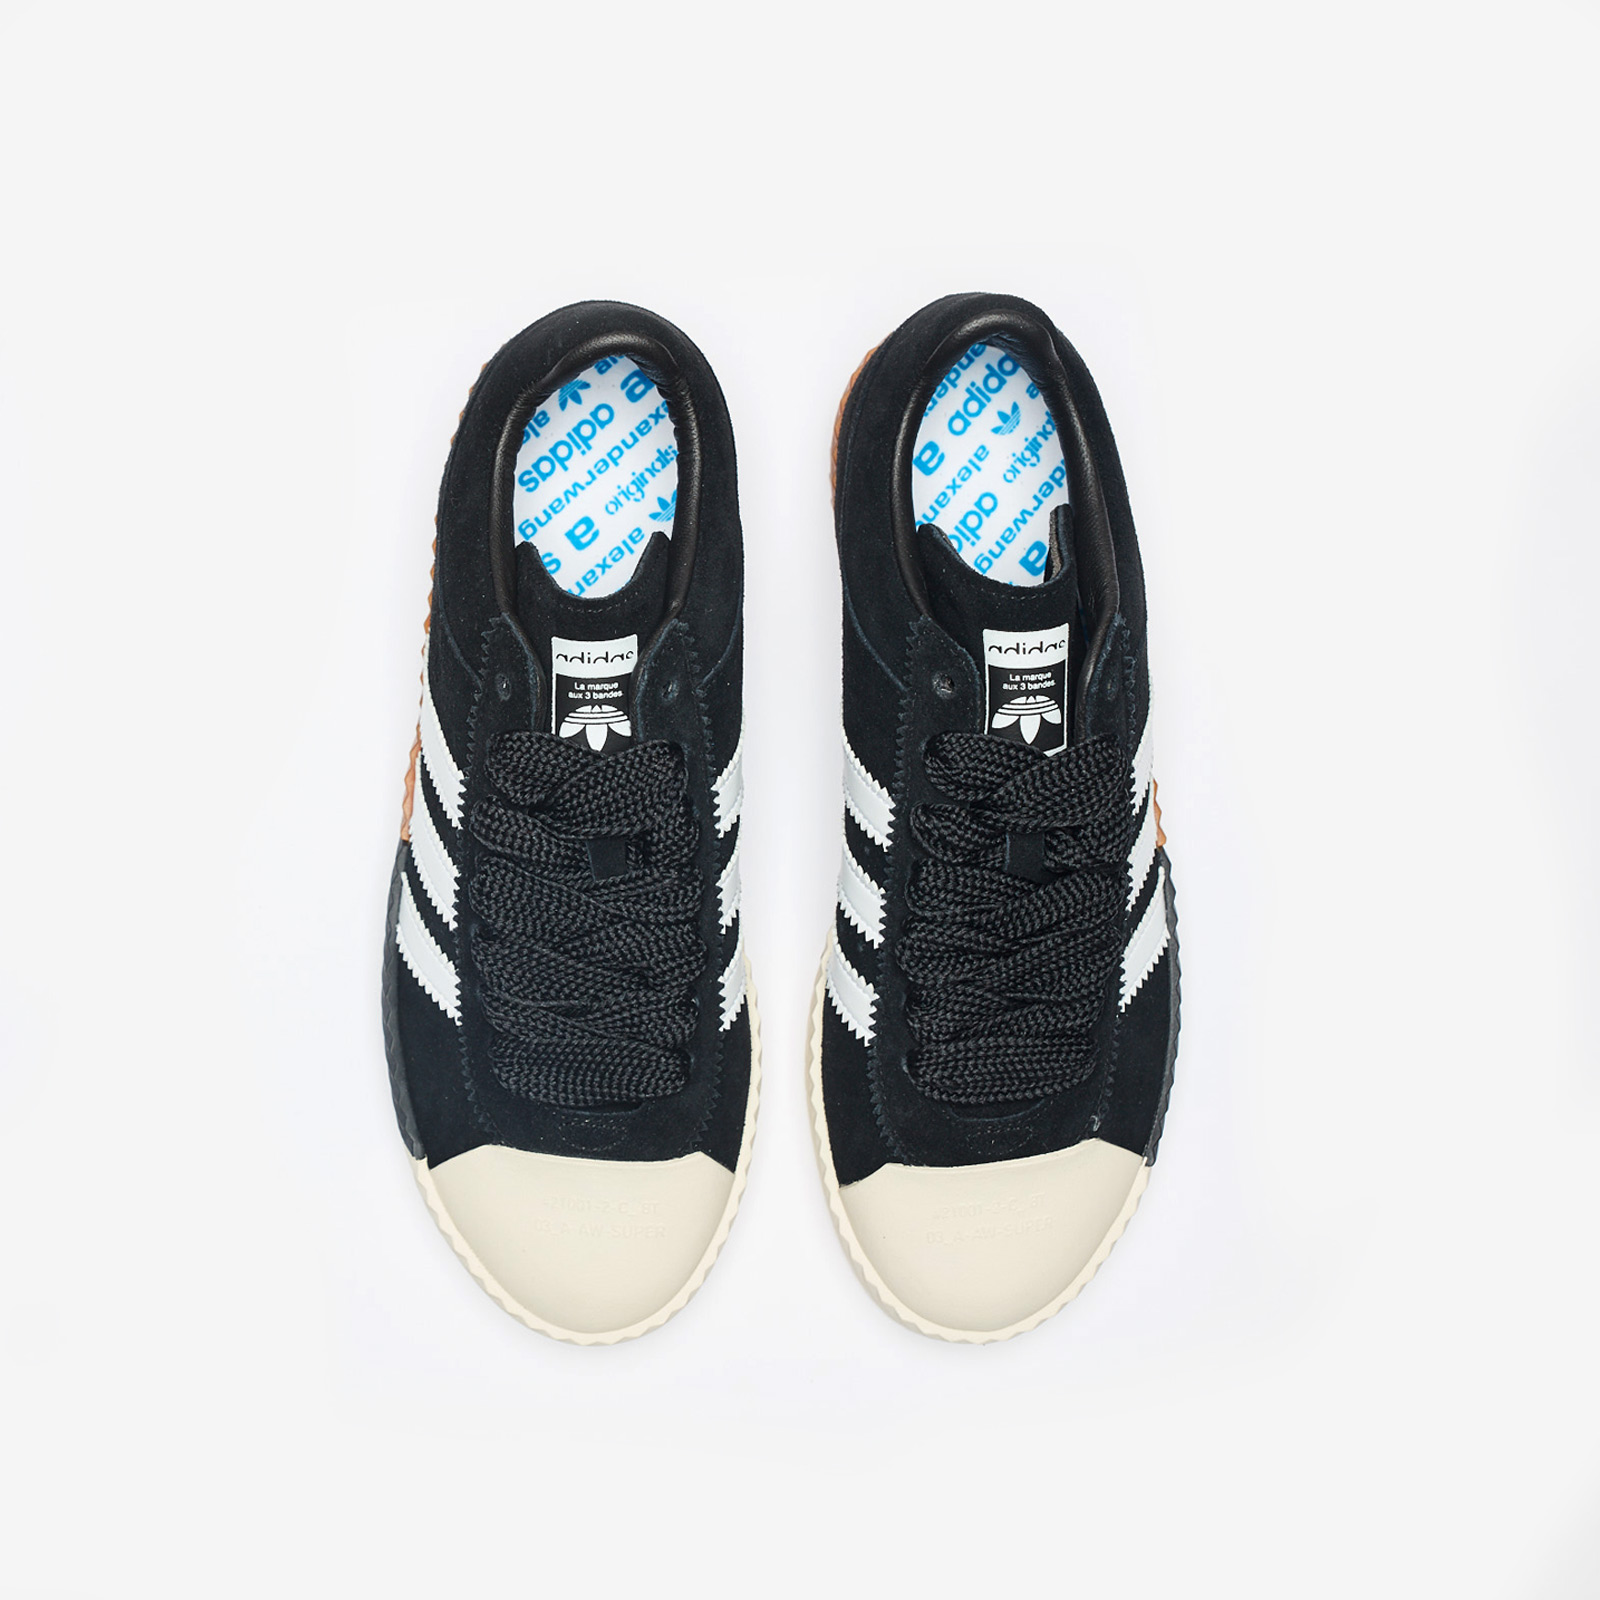 separation shoes 84adc 59067 ... adidas Originals by Alexander Wang AW Skate Super ...